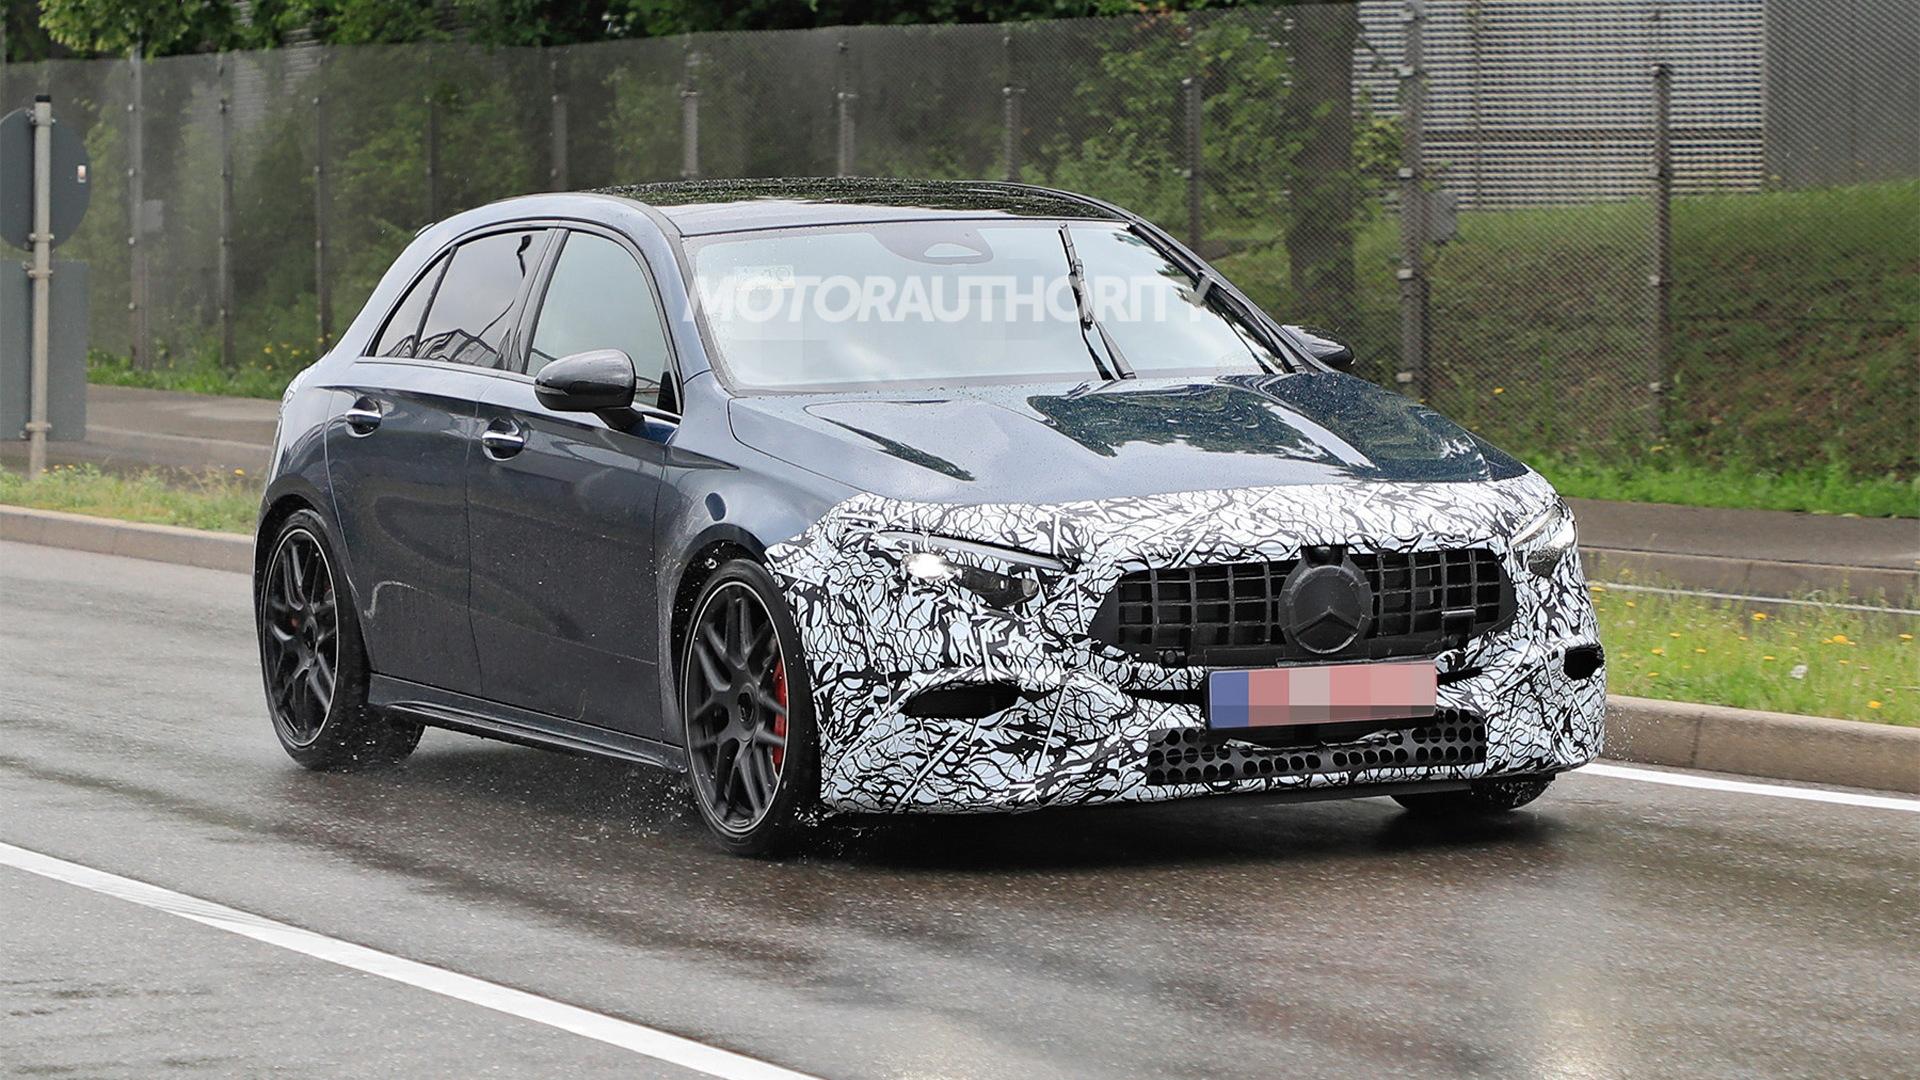 2023 Mercedes-Benz AMG A45 Hatchback facelift spy shots - Photo credit:S. Baldauf/SB-Medien